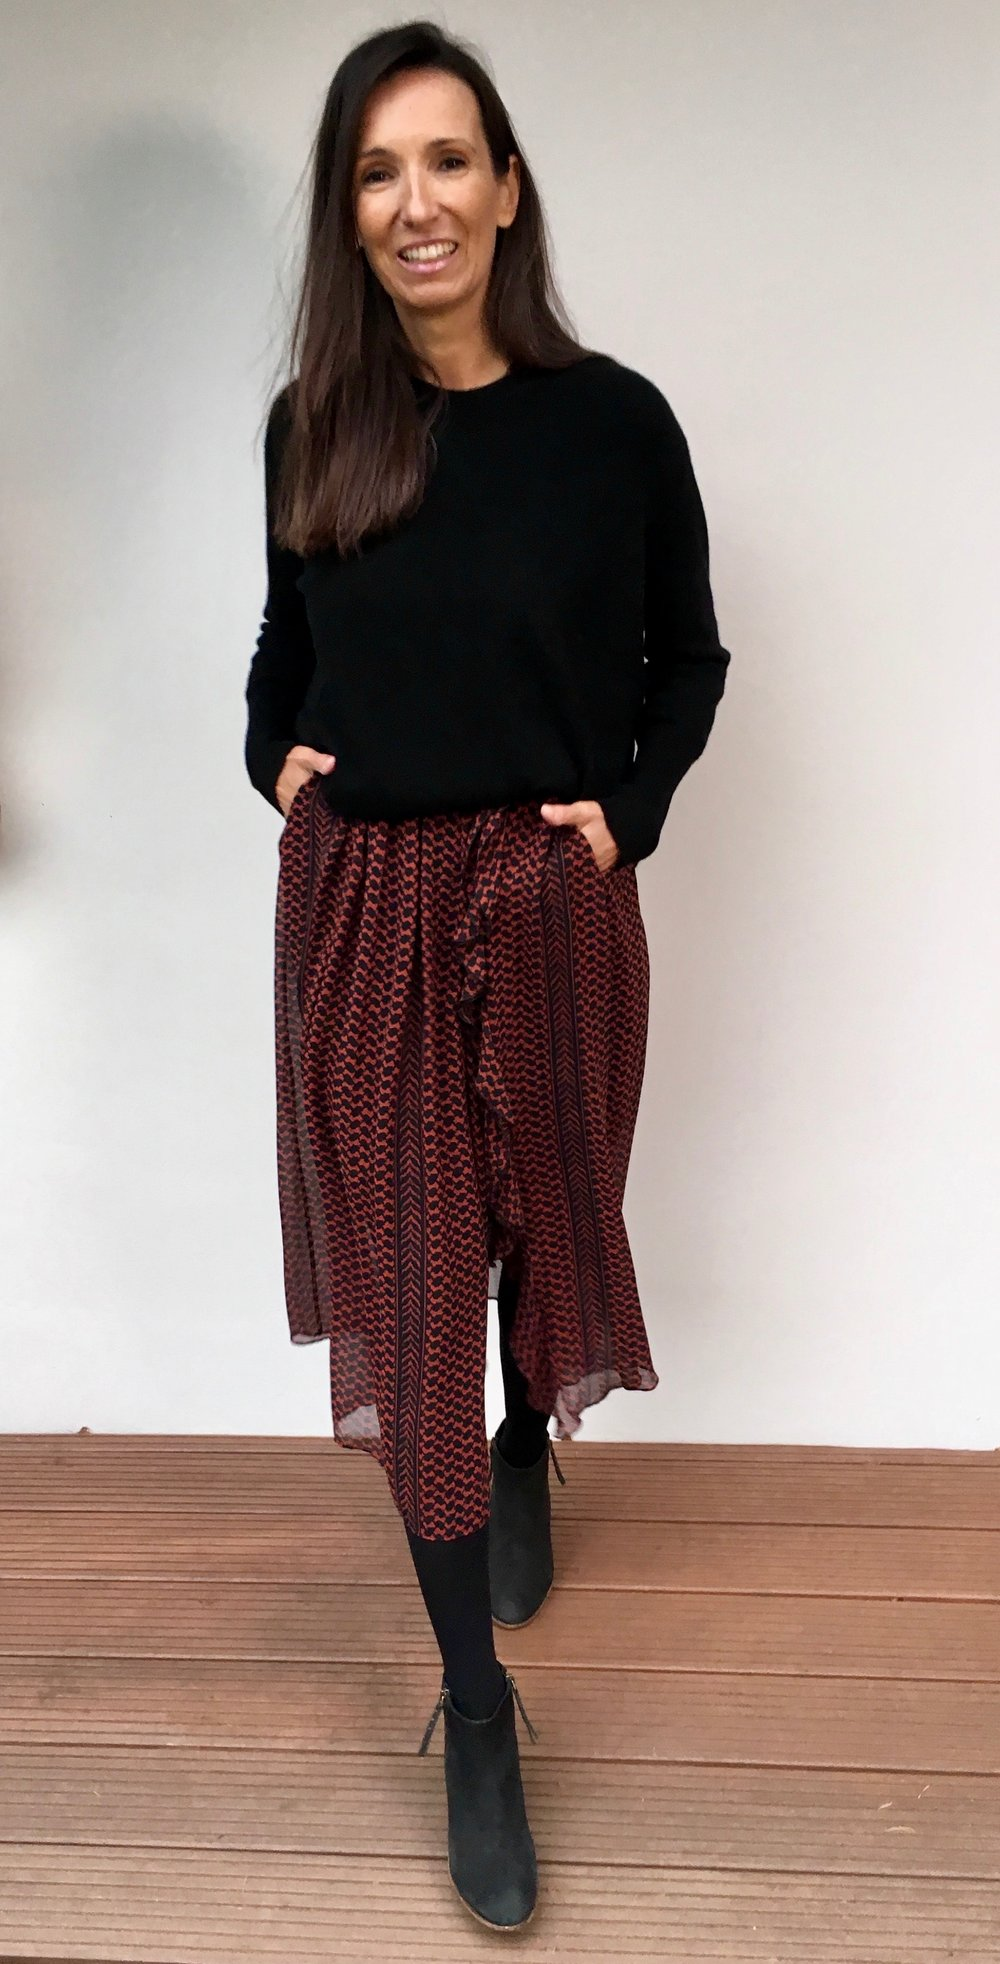 lala Berlin 1 Kleid 4 Looks BeFifty Blog für Frauen über 50 Mode für Frauen über 50